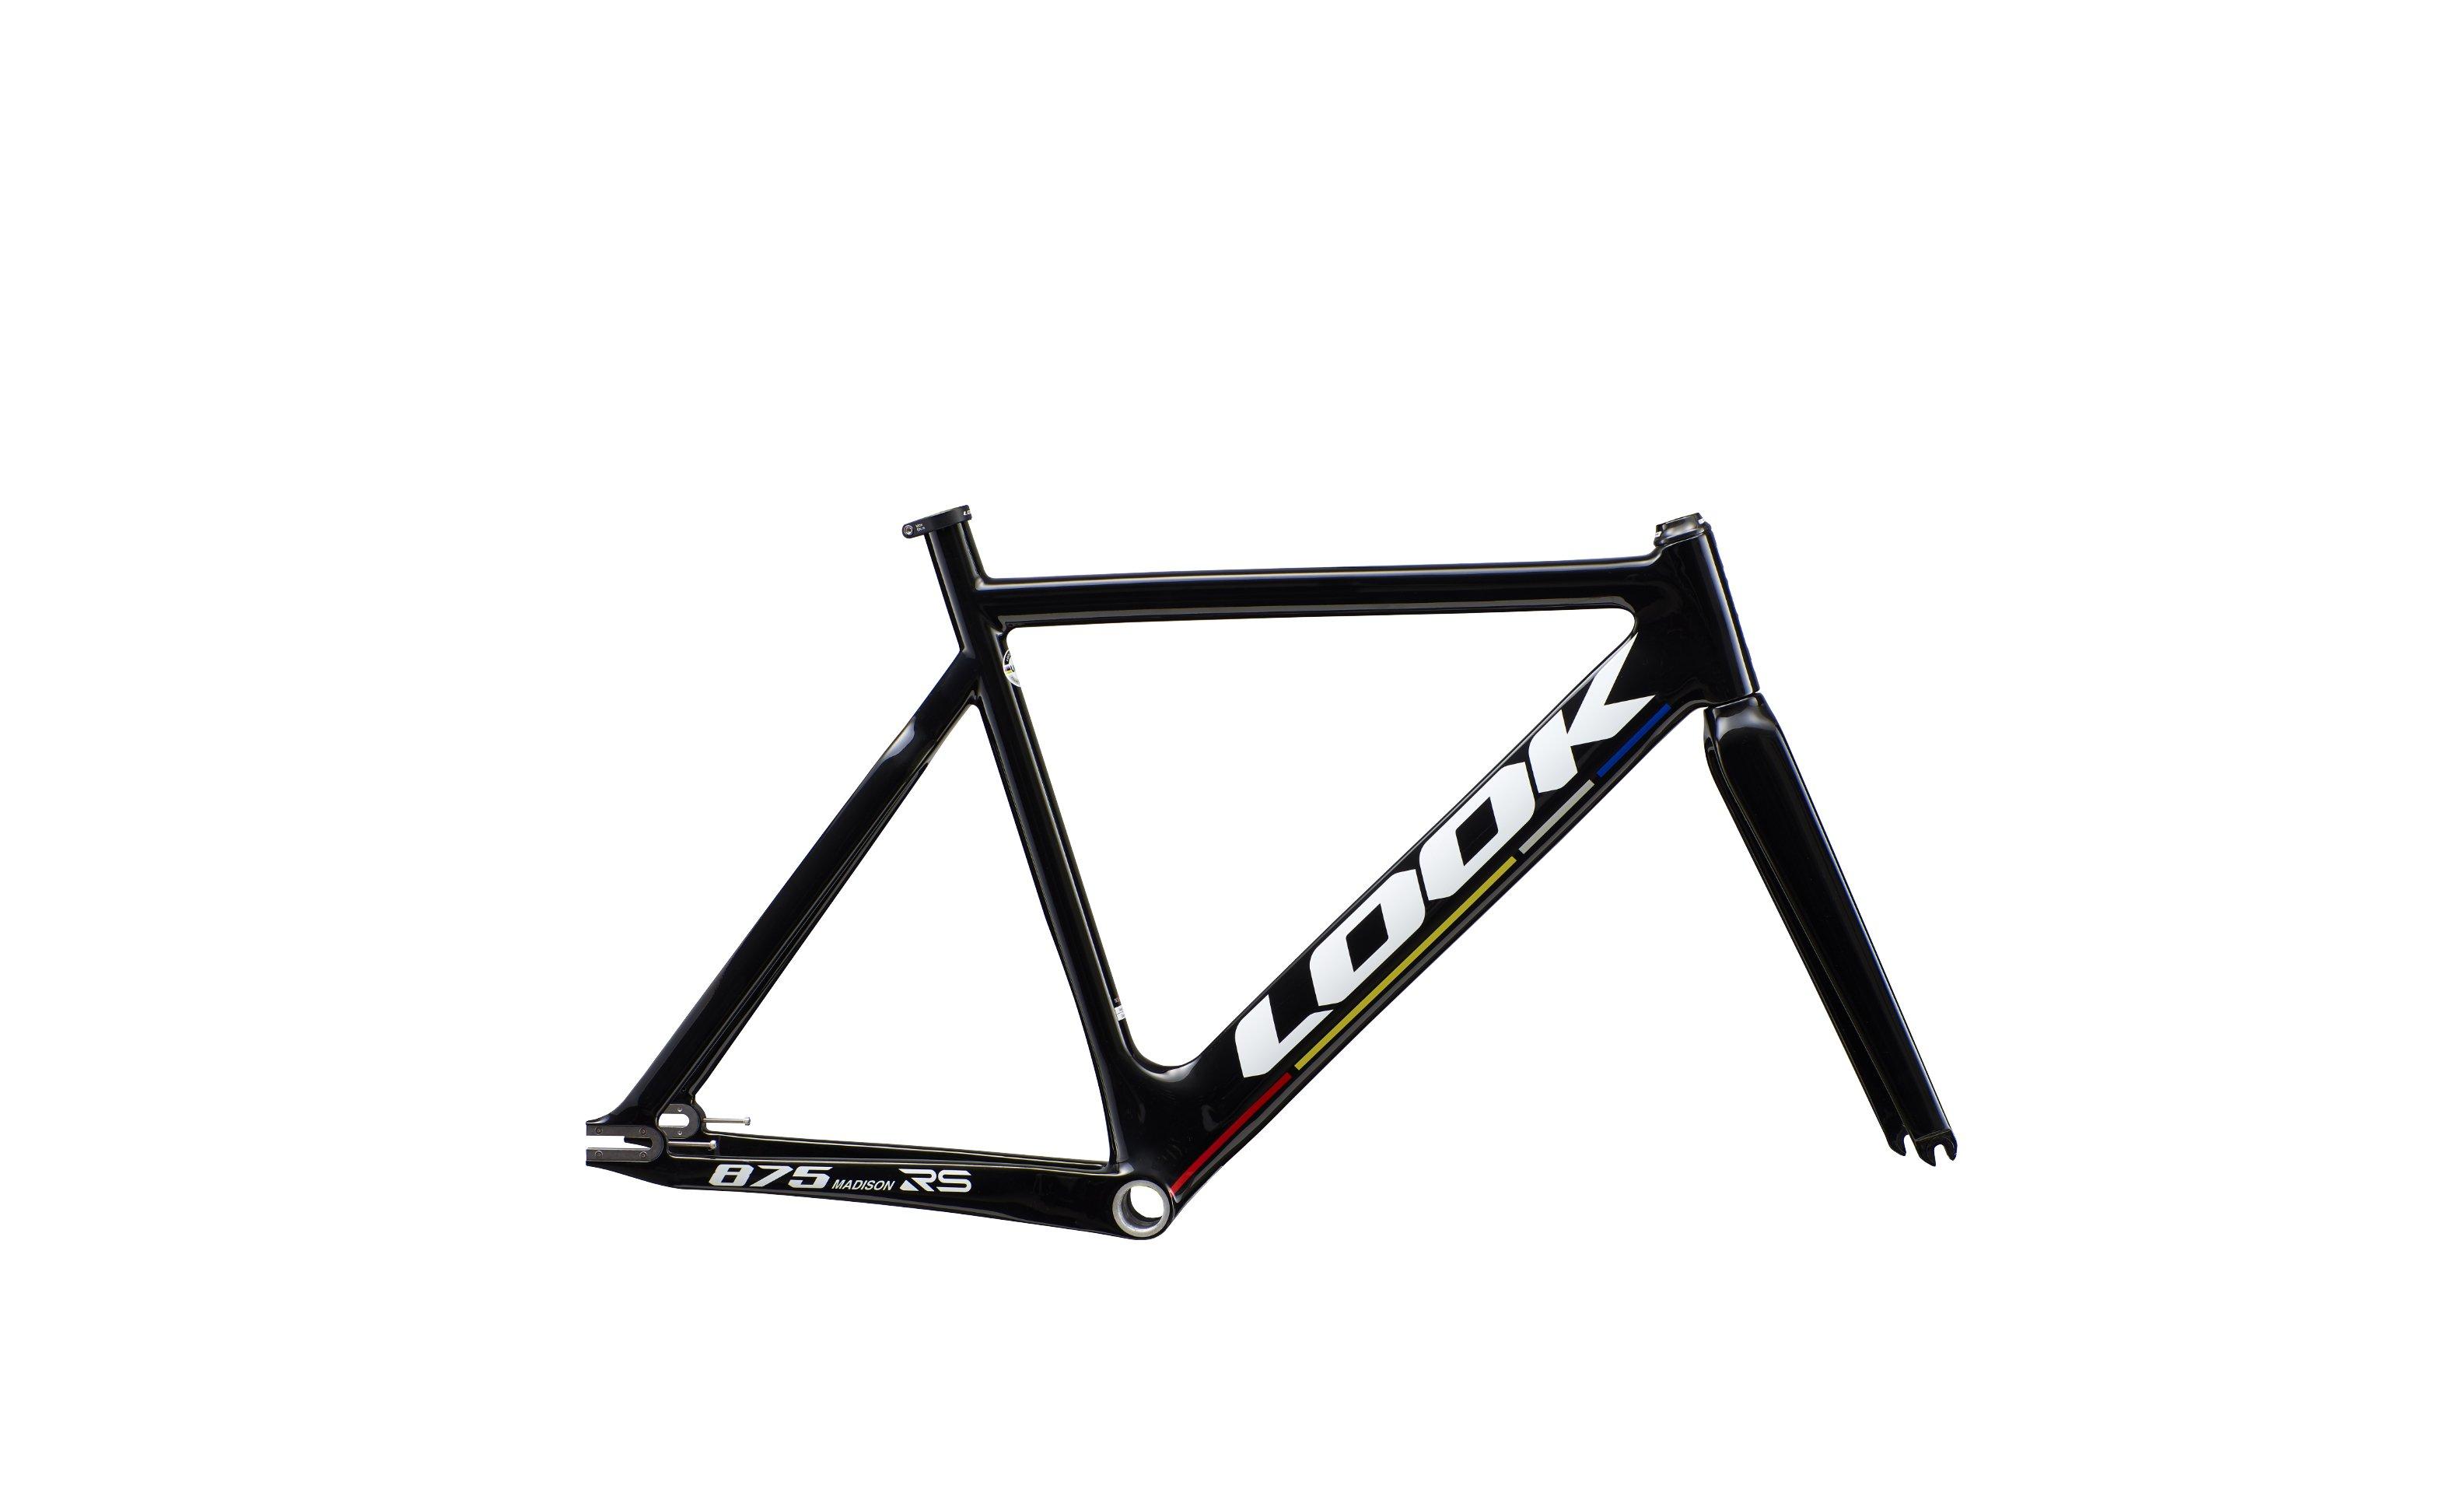 875-madison-rs-frameset